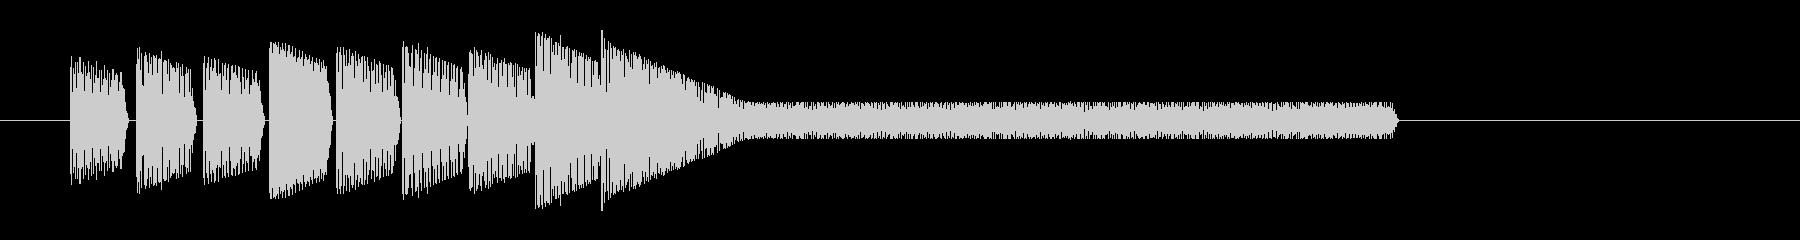 レトロゲーム風・中華風ジングル3の未再生の波形